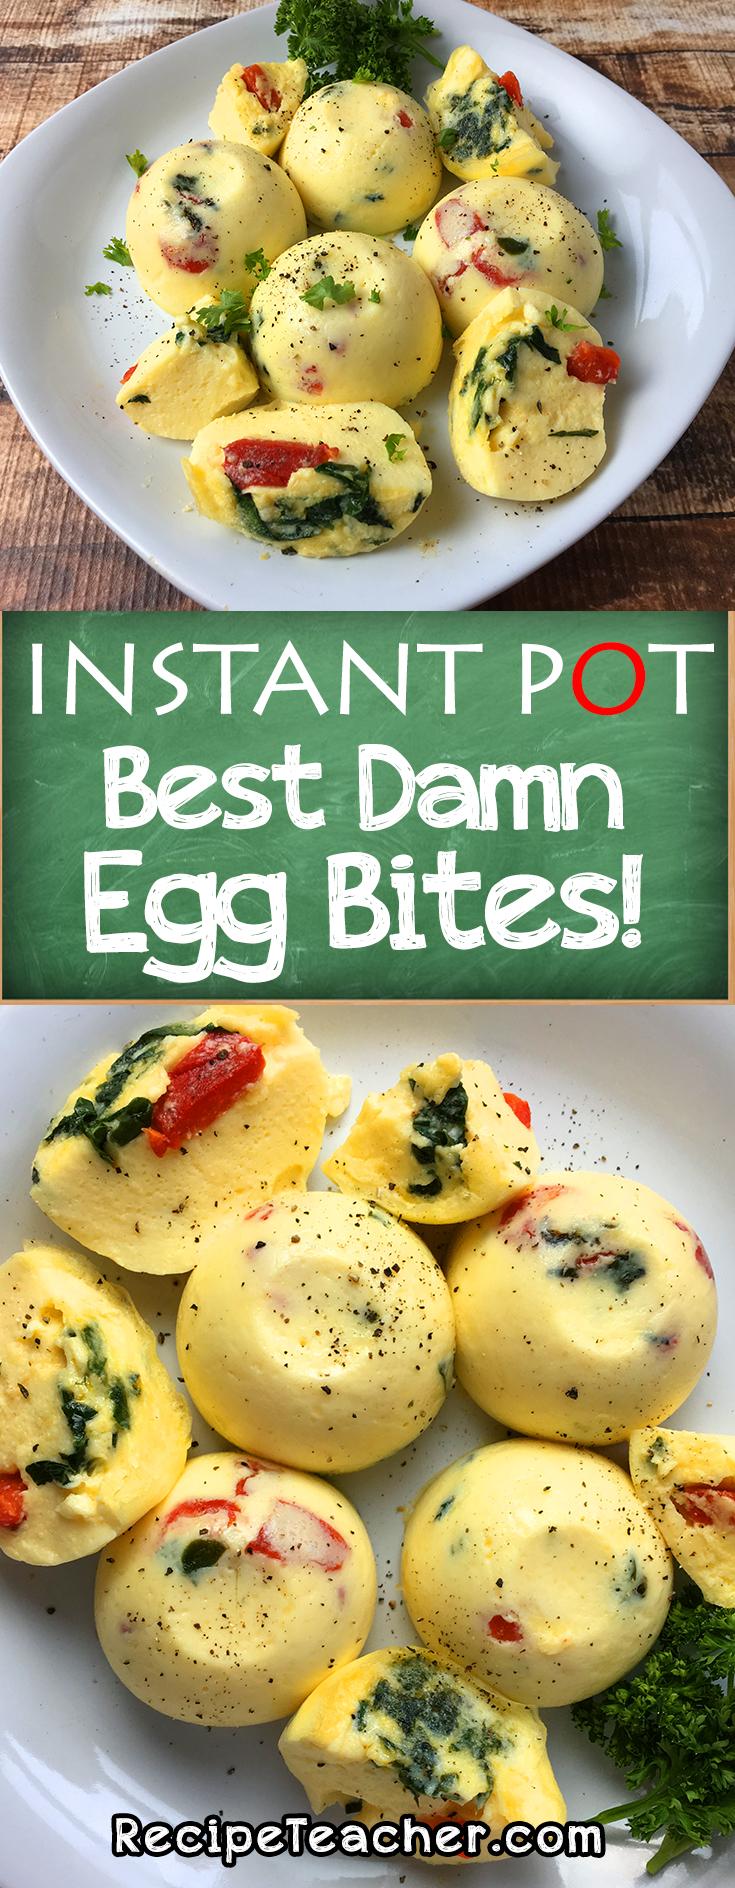 instant pot best damn egg bites recipe